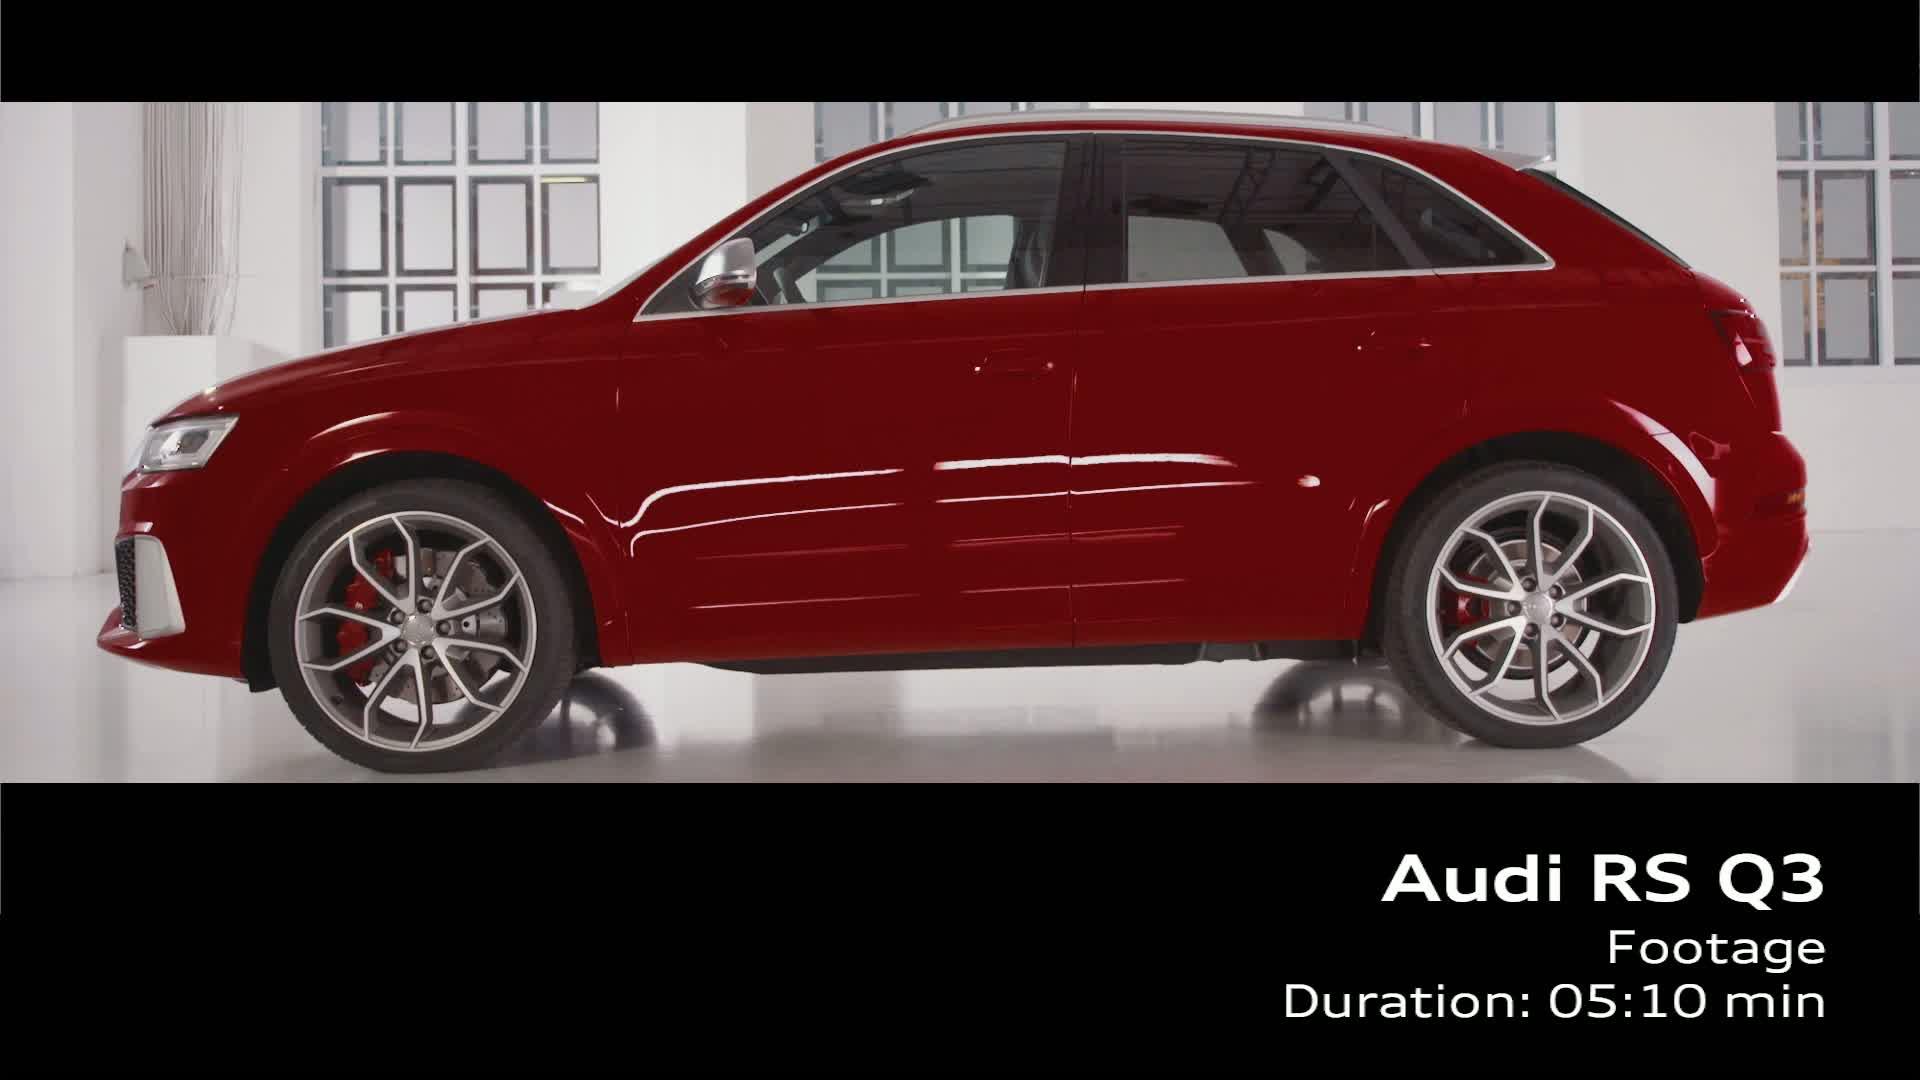 Der neue Audi RS Q3 - Footage